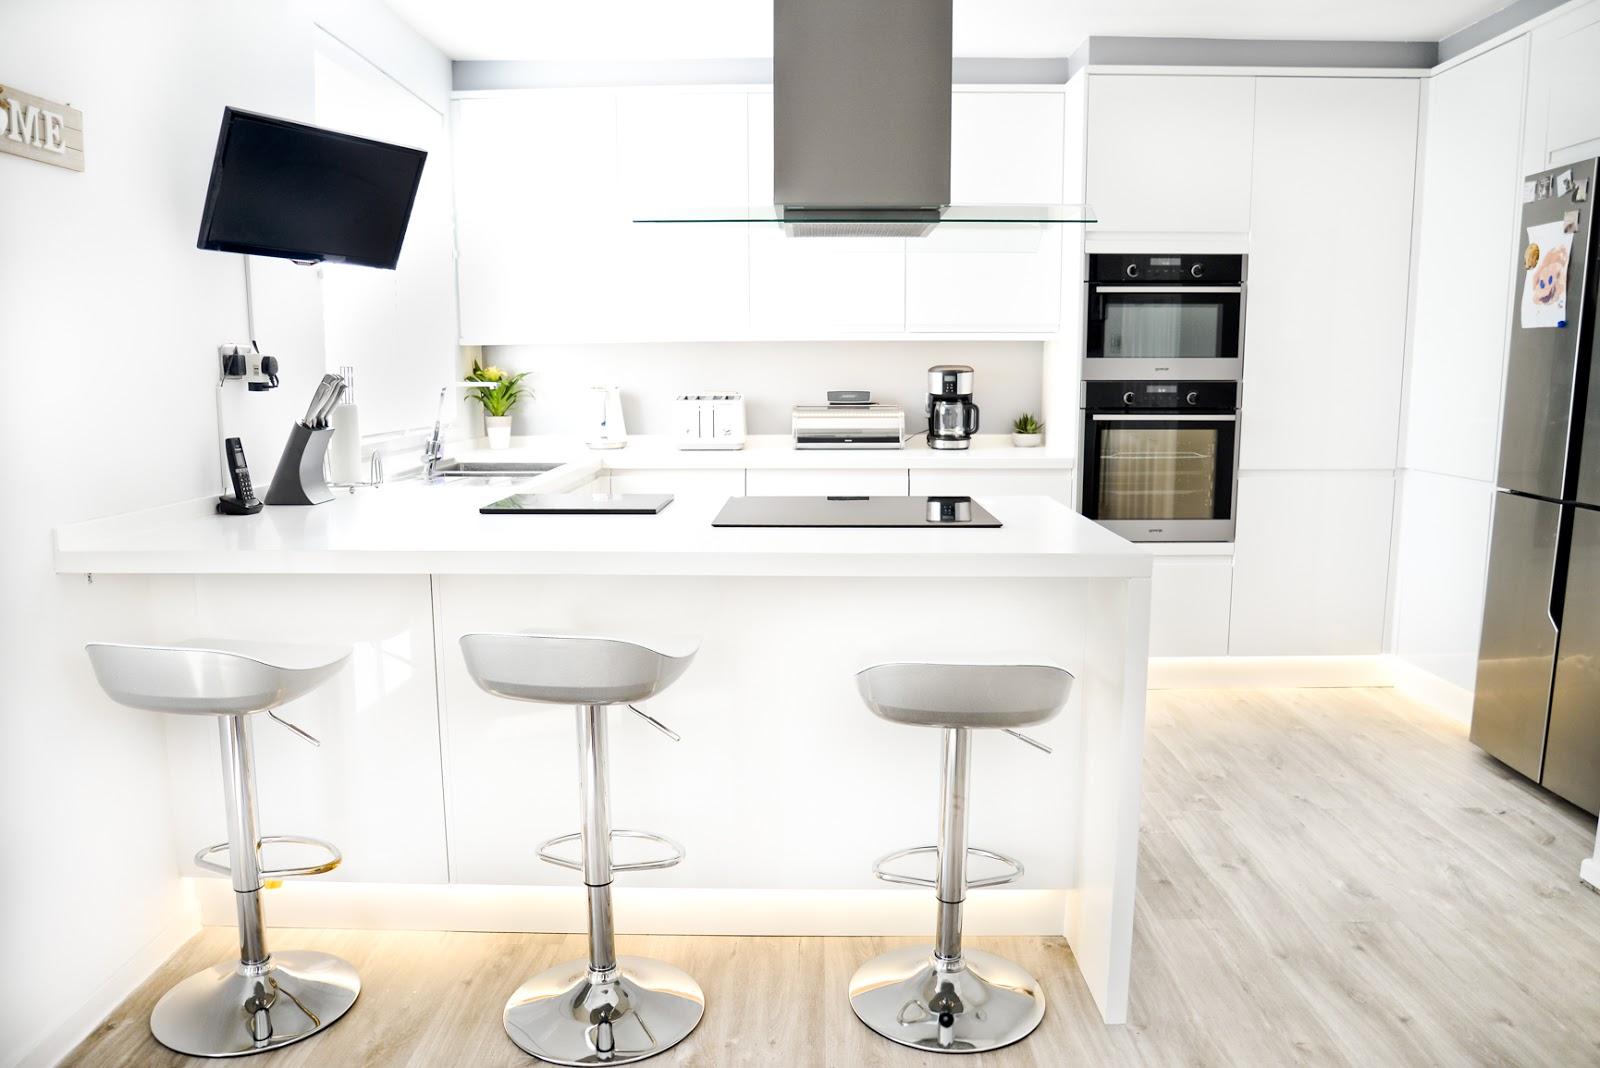 howdens clerkenwell gloss kitchen, white modern Scandinavian style kitchen diner, modern white kitchen, modern rustic kitchen,